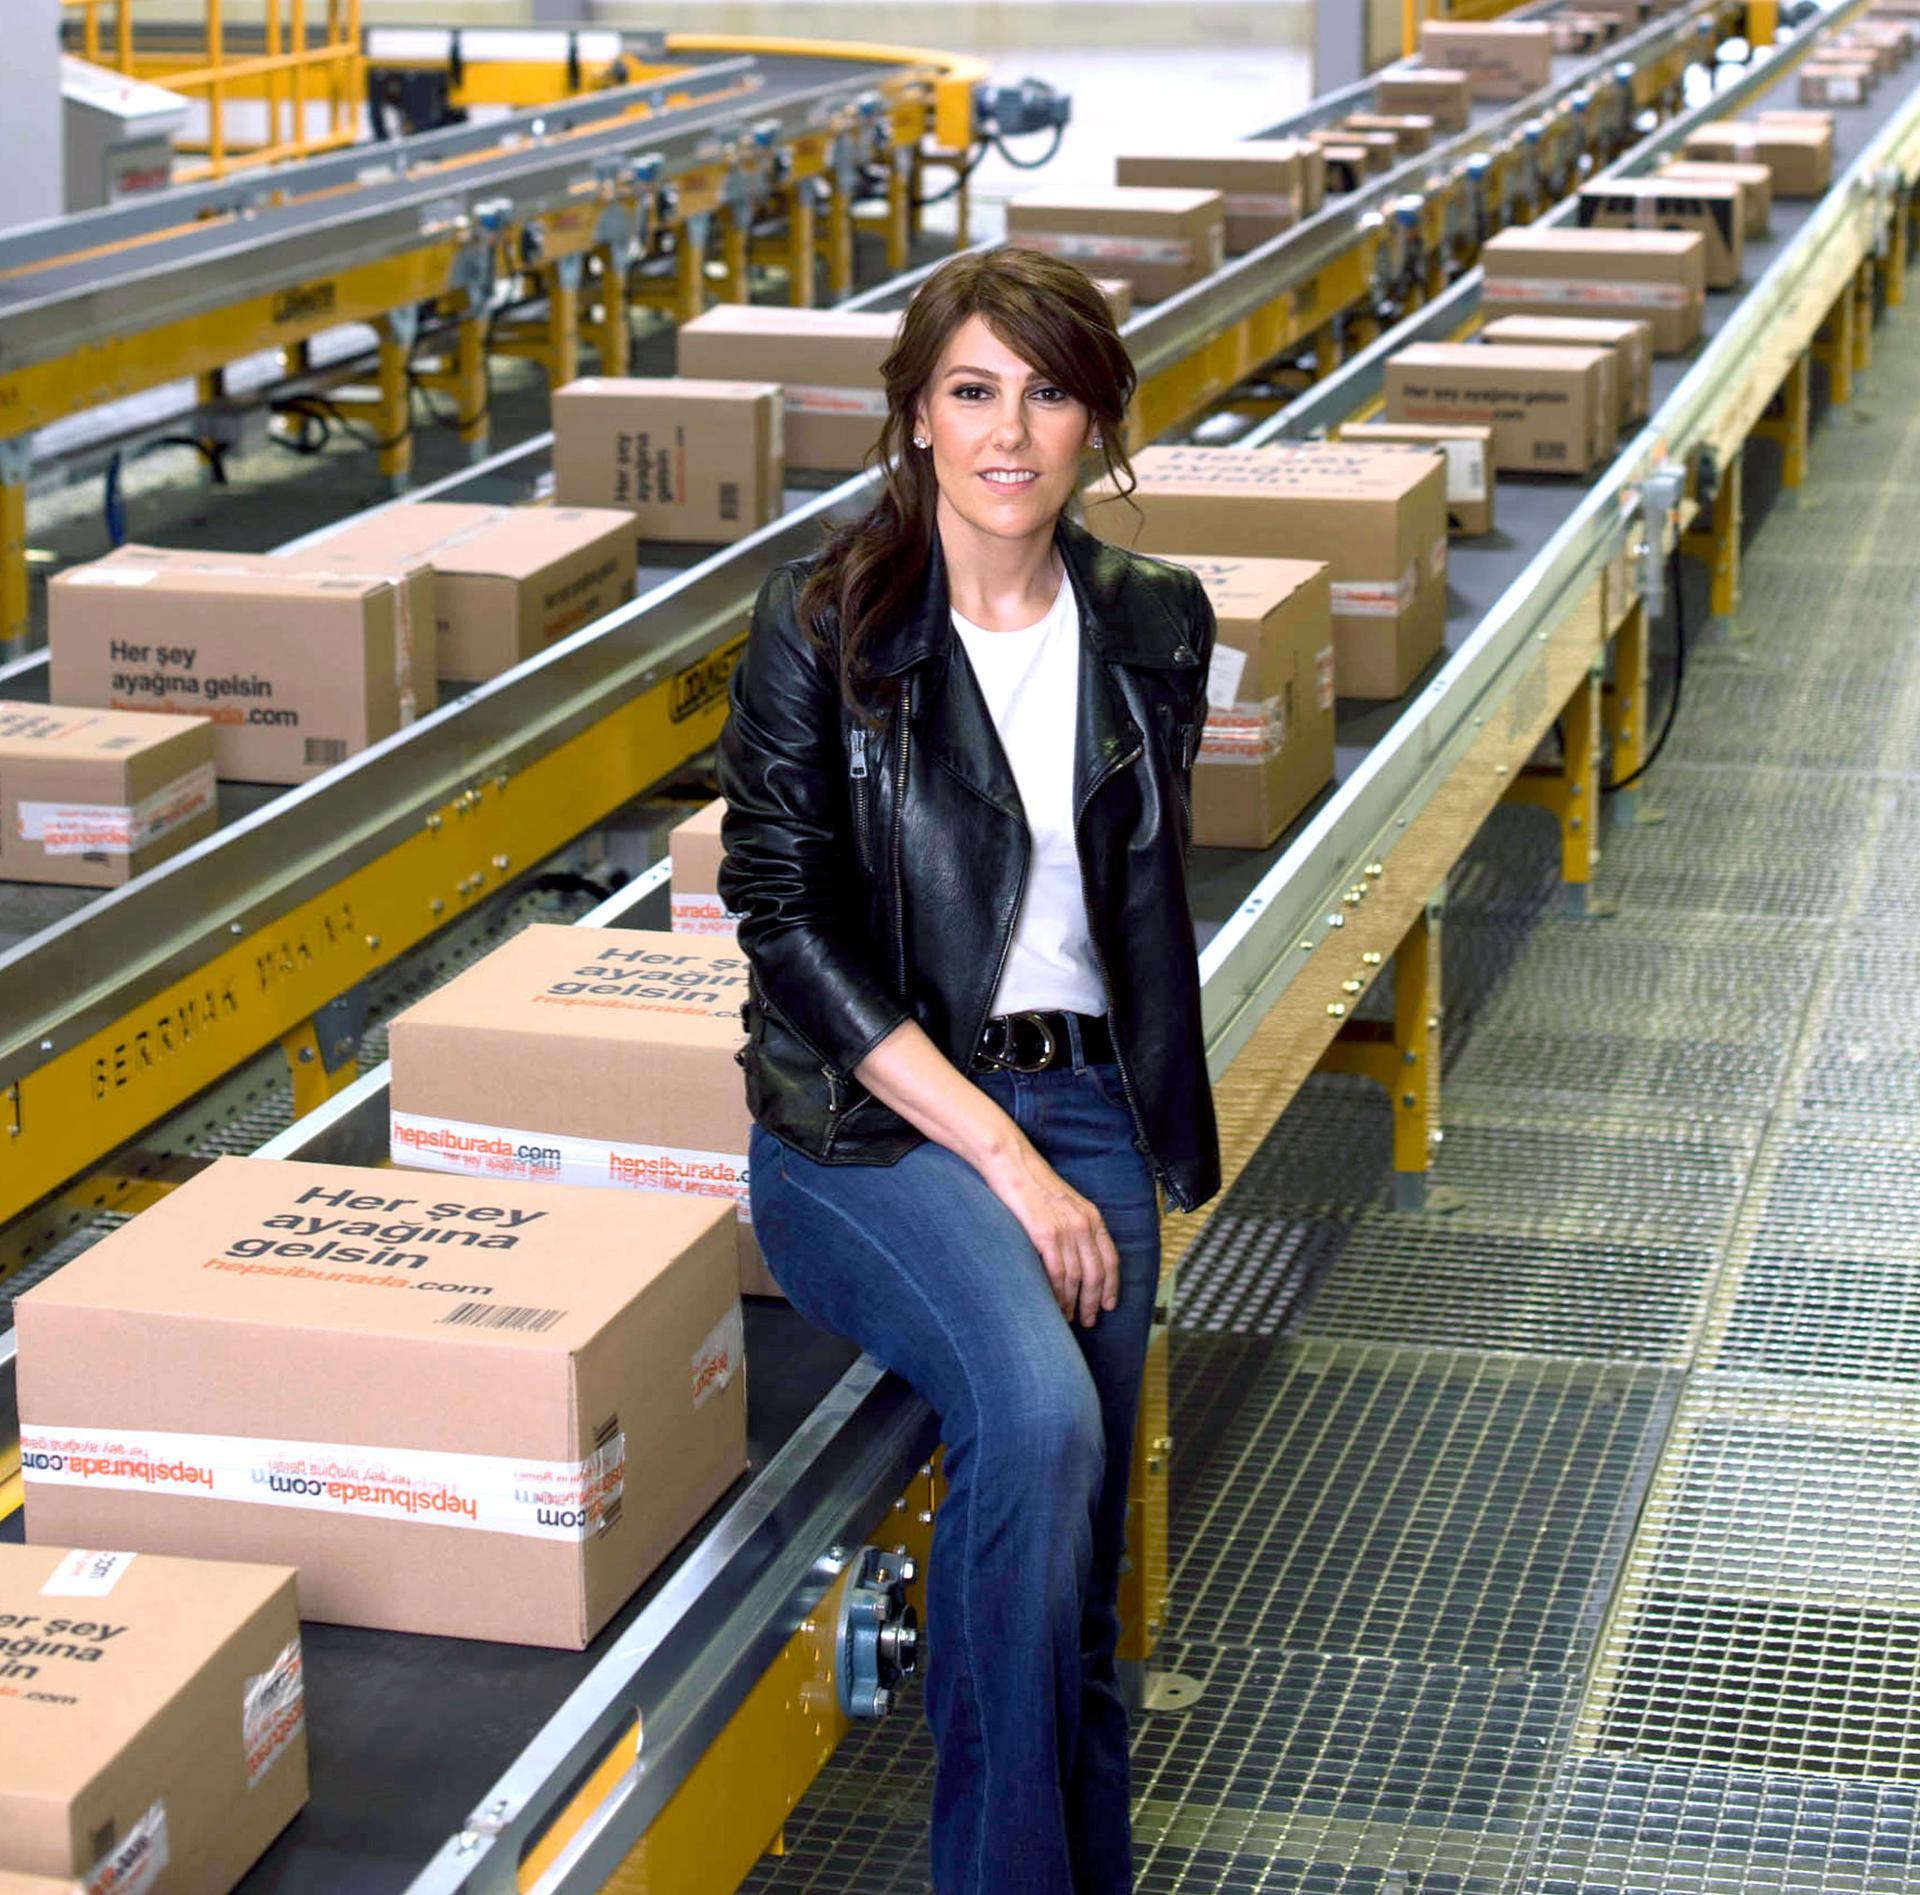 ЗВЕЗДА ДОГАН-БОЙНЕР: Невероятное восхождение турецкой королевы электронной коммерции